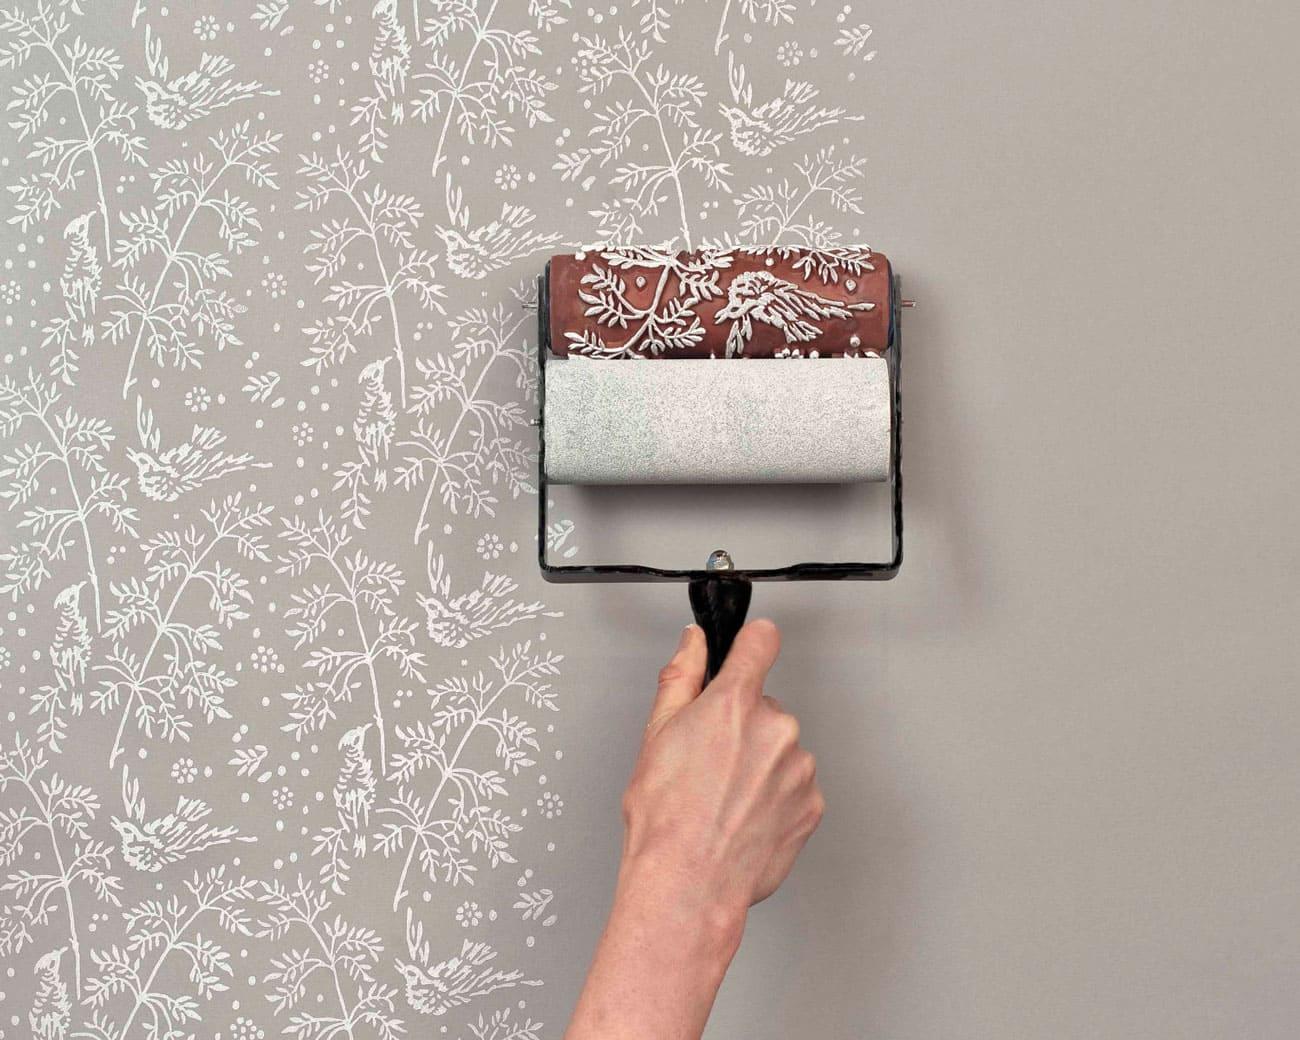 Декоративная штукатурка - лучшие красивые варианты отделки стен в интерьере 143